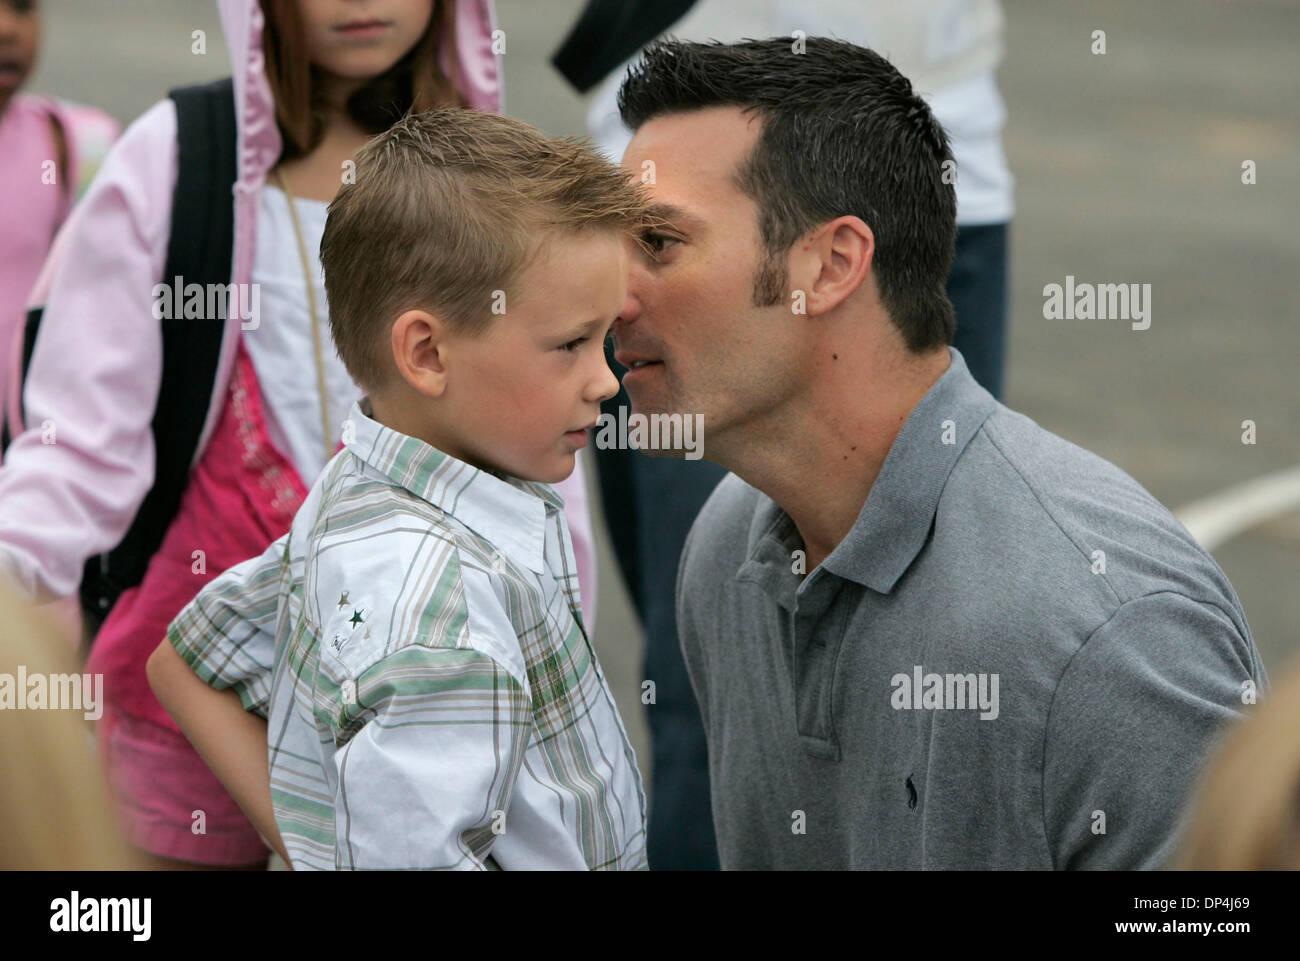 14 Aug, 2006; San Marcos, CA, EE.UU.; un padre y su hijo dicen que ...